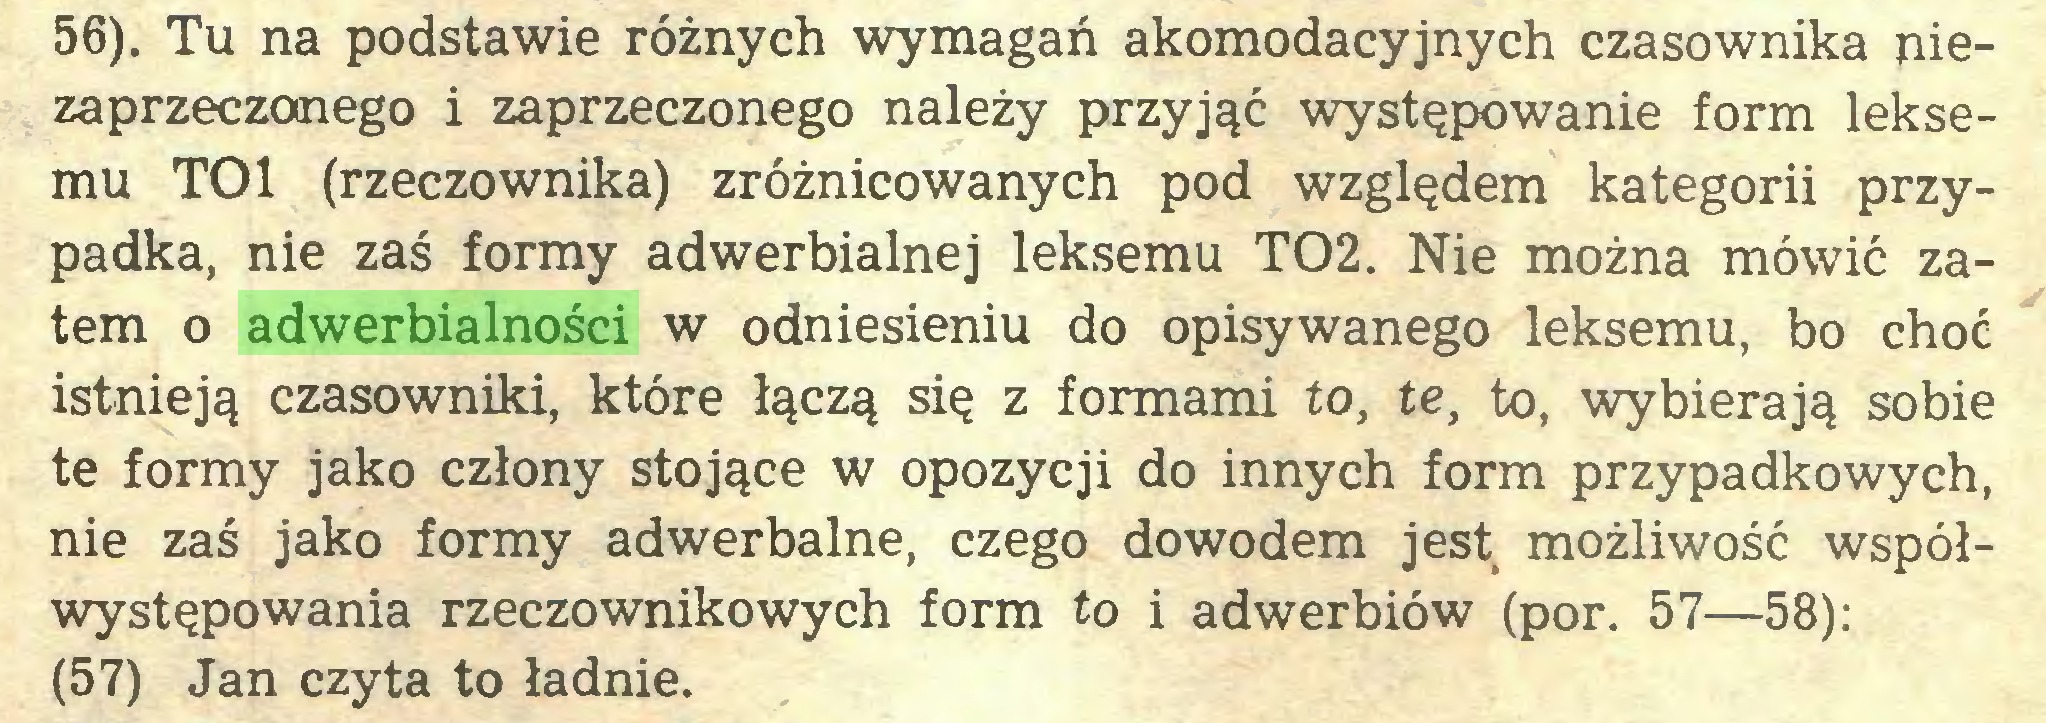 (...) 56). Tu na podstawie różnych wymagań akomodacyjnych czasownika niezaprzeczonego i zaprzeczonego należy przyjąć występowanie form leksemu TOl (rzeczownika) zróżnicowanych pod względem kategorii przypadka, nie zaś formy adwerbialnej leksemu T02. Nie można mówić zatem o adwerbialności w odniesieniu do opisywanego leksemu, bo choć istnieją czasowniki, które łączą się z formami to, te, to, wybierają sobie te formy jako człony stojące w opozycji do innych form przypadkowych, nie zaś jako formy adwerbalne, czego dowodem jest możliwość współwystępowania rzeczownikowych form to i adwerbiów (por. 57—58): (57) Jan czyta to ładnie...